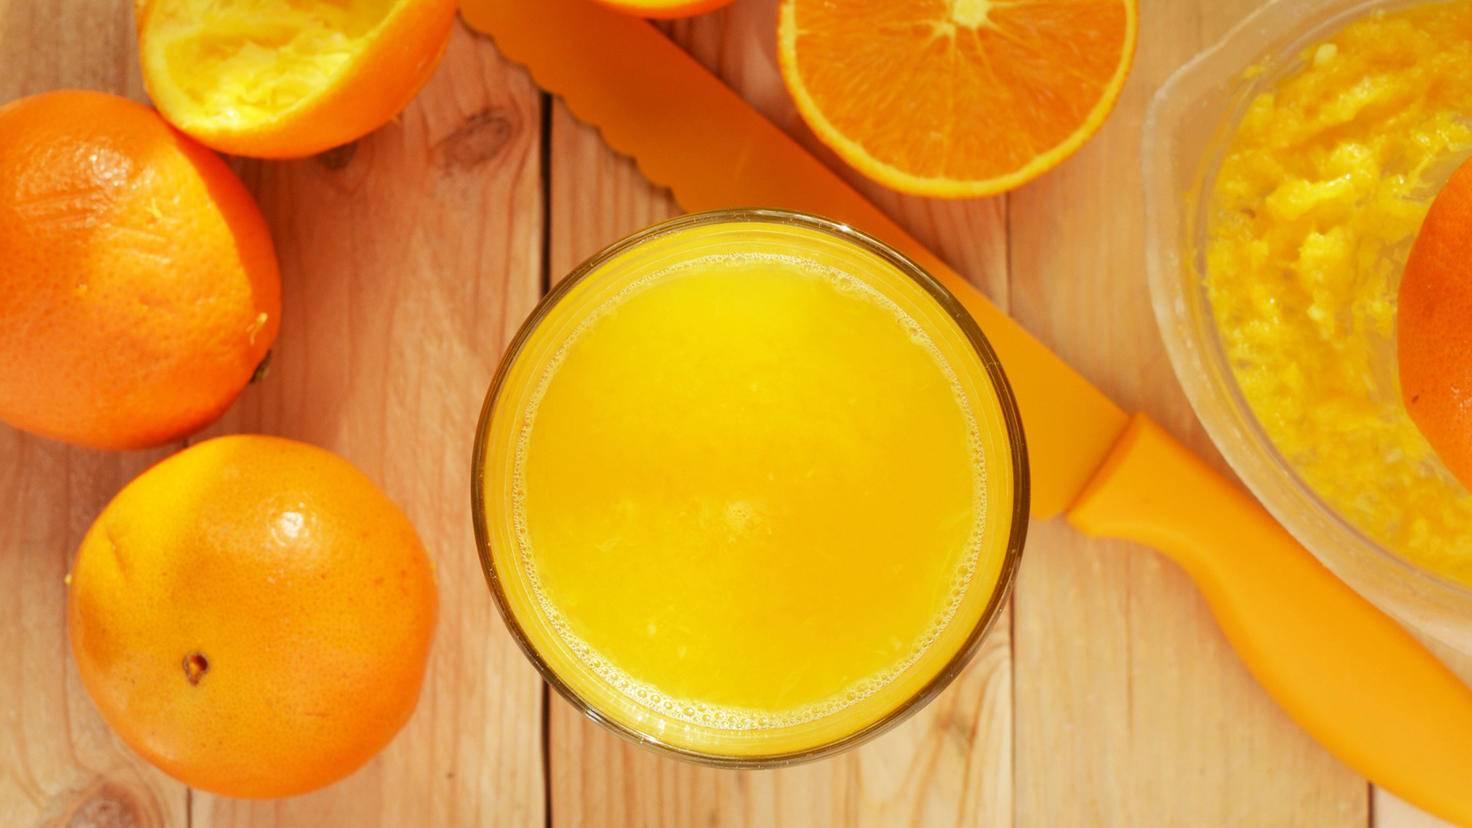 Wer einen veganen Orangensaft trinken möchte, sollte ihn besser selbst pressen.